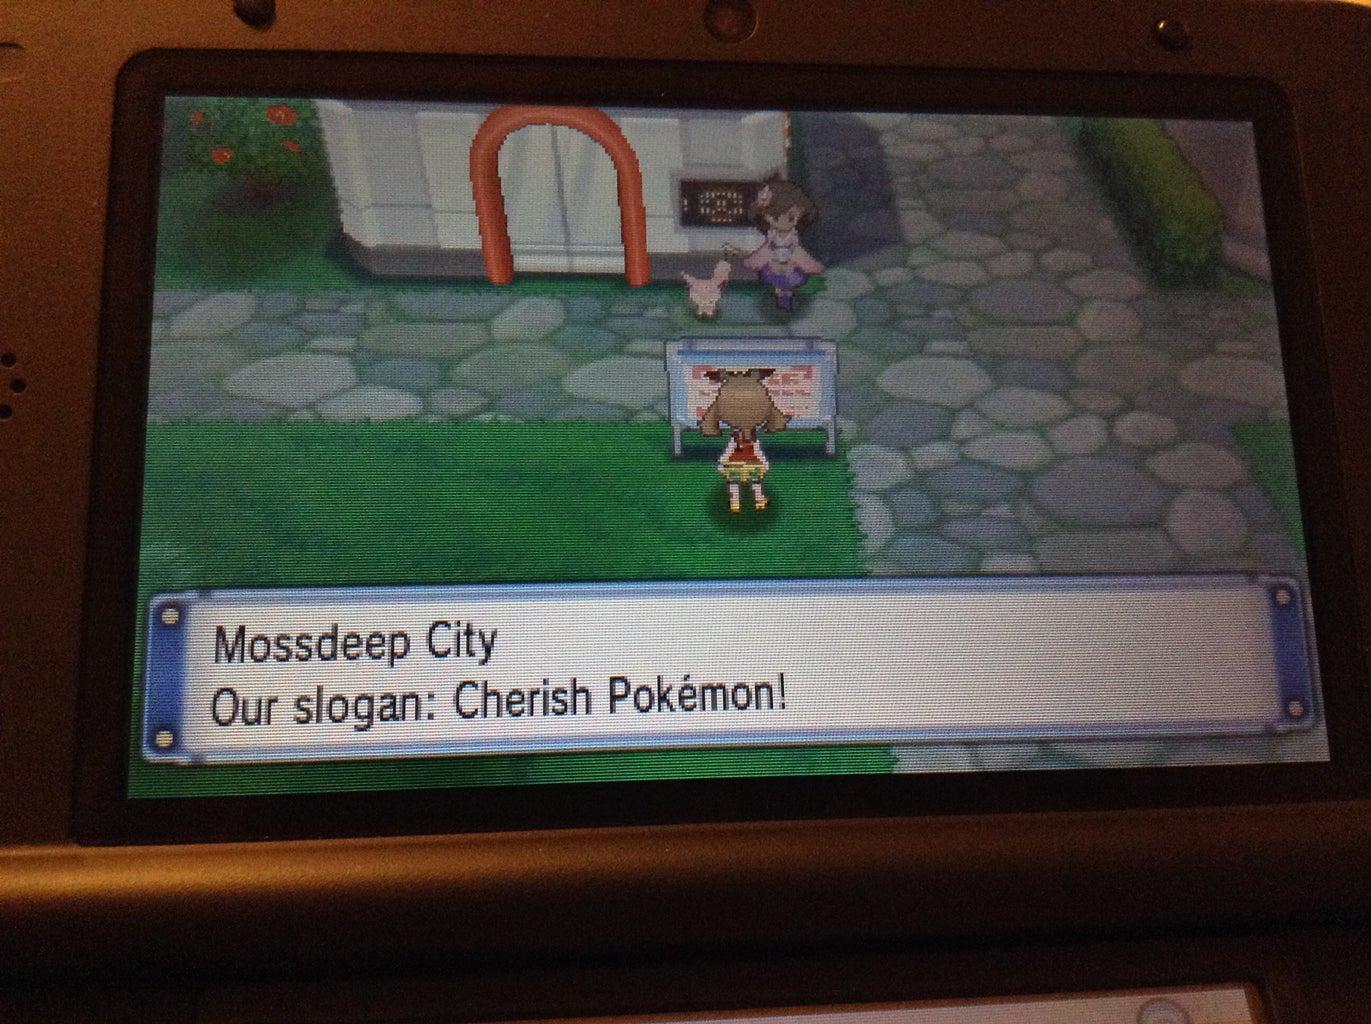 Secret Base in Mossdeep City